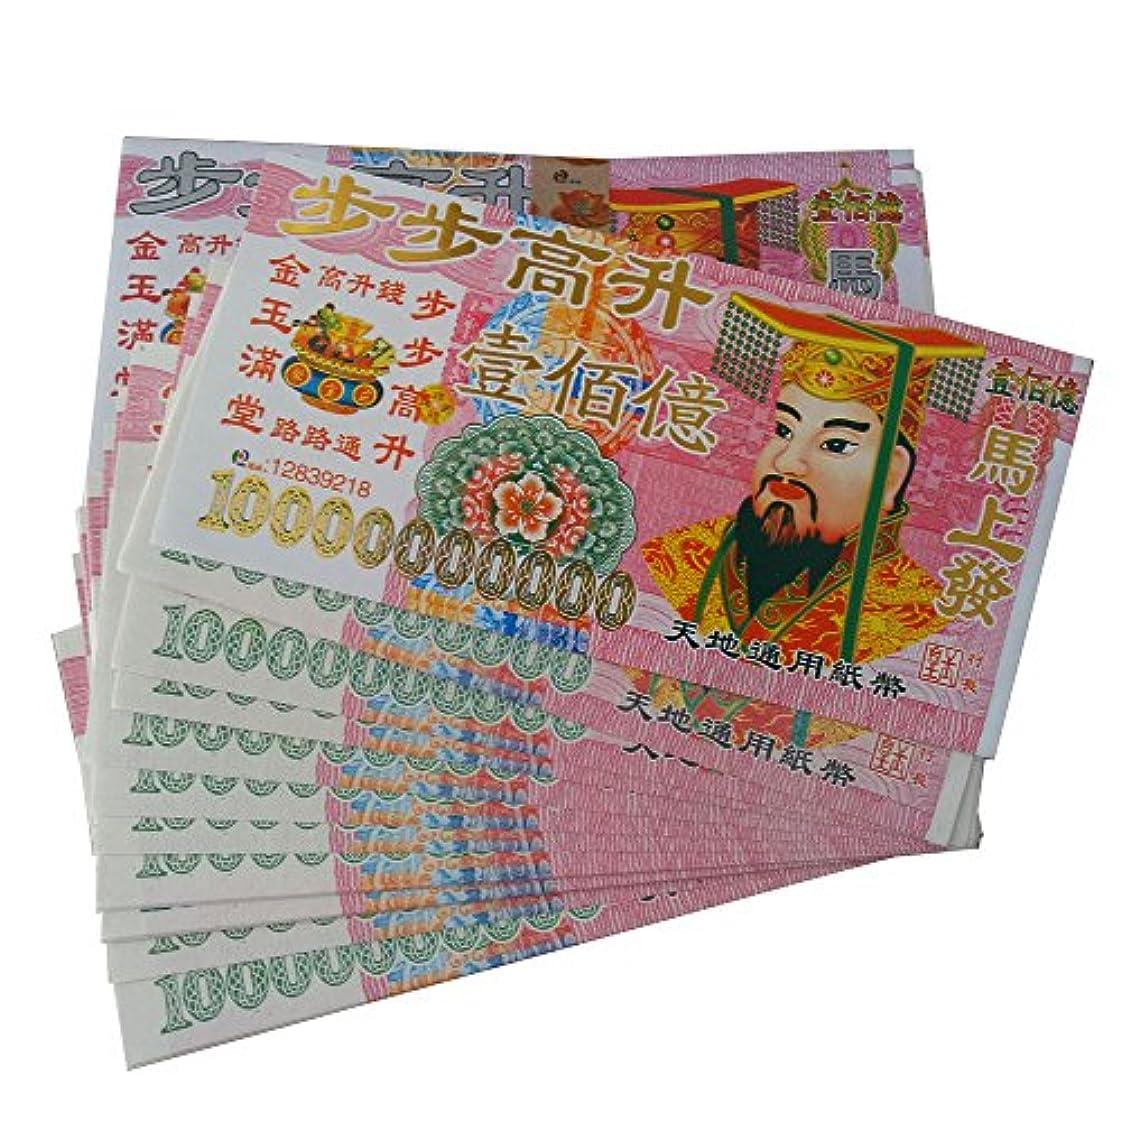 退化するレンディション先生zeestar Chinese Joss Paper Money Hell Bank Note $ 10,000,000,000 9.8インチx 5.1インチ(パックof 120 )